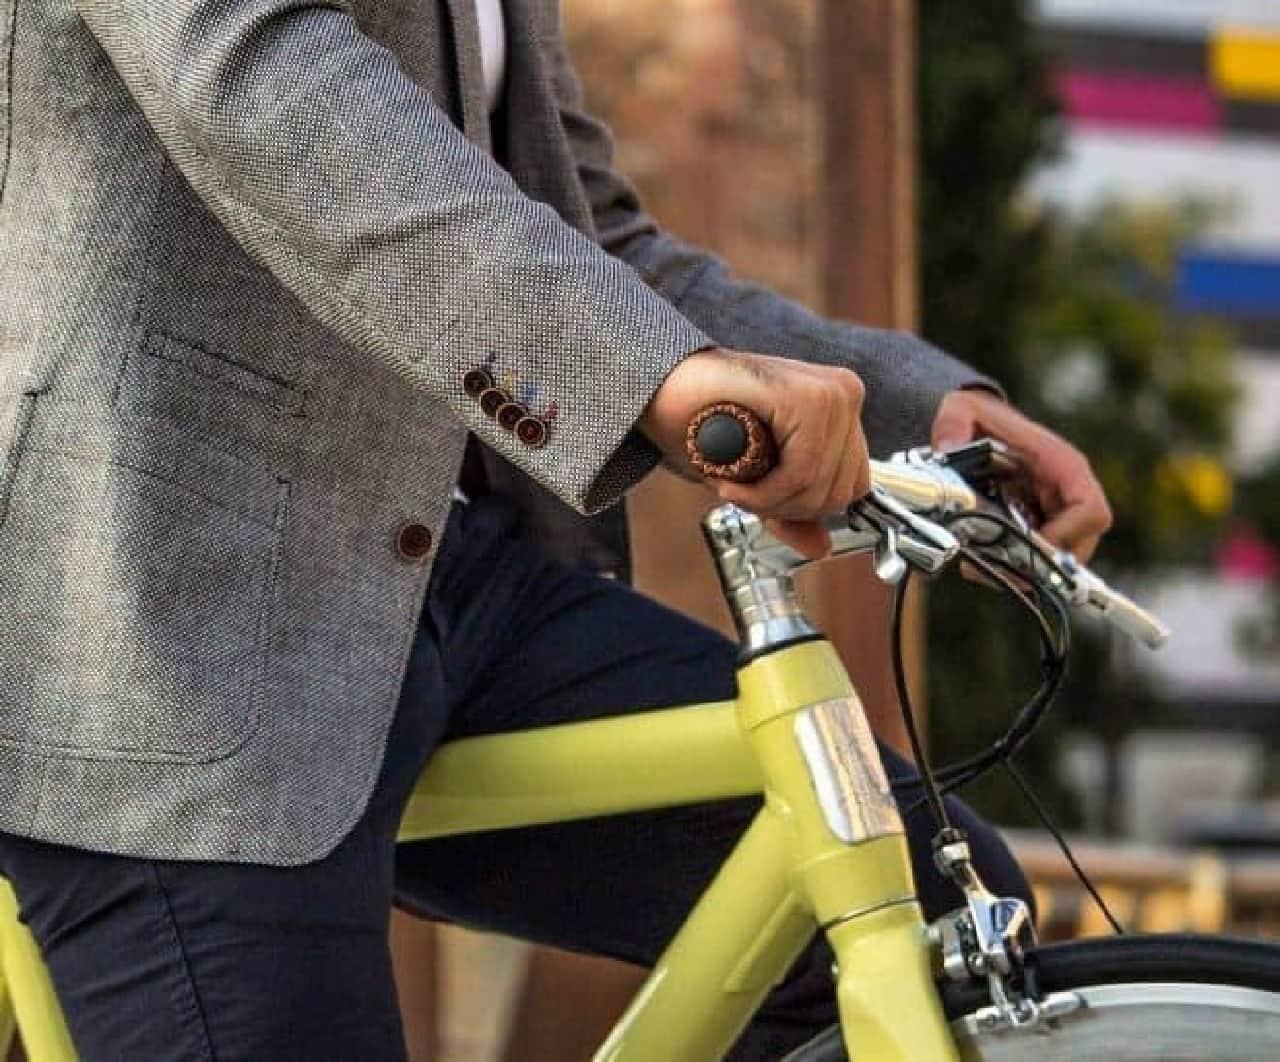 世界一美しい電動アシスト自転車「Lauva」